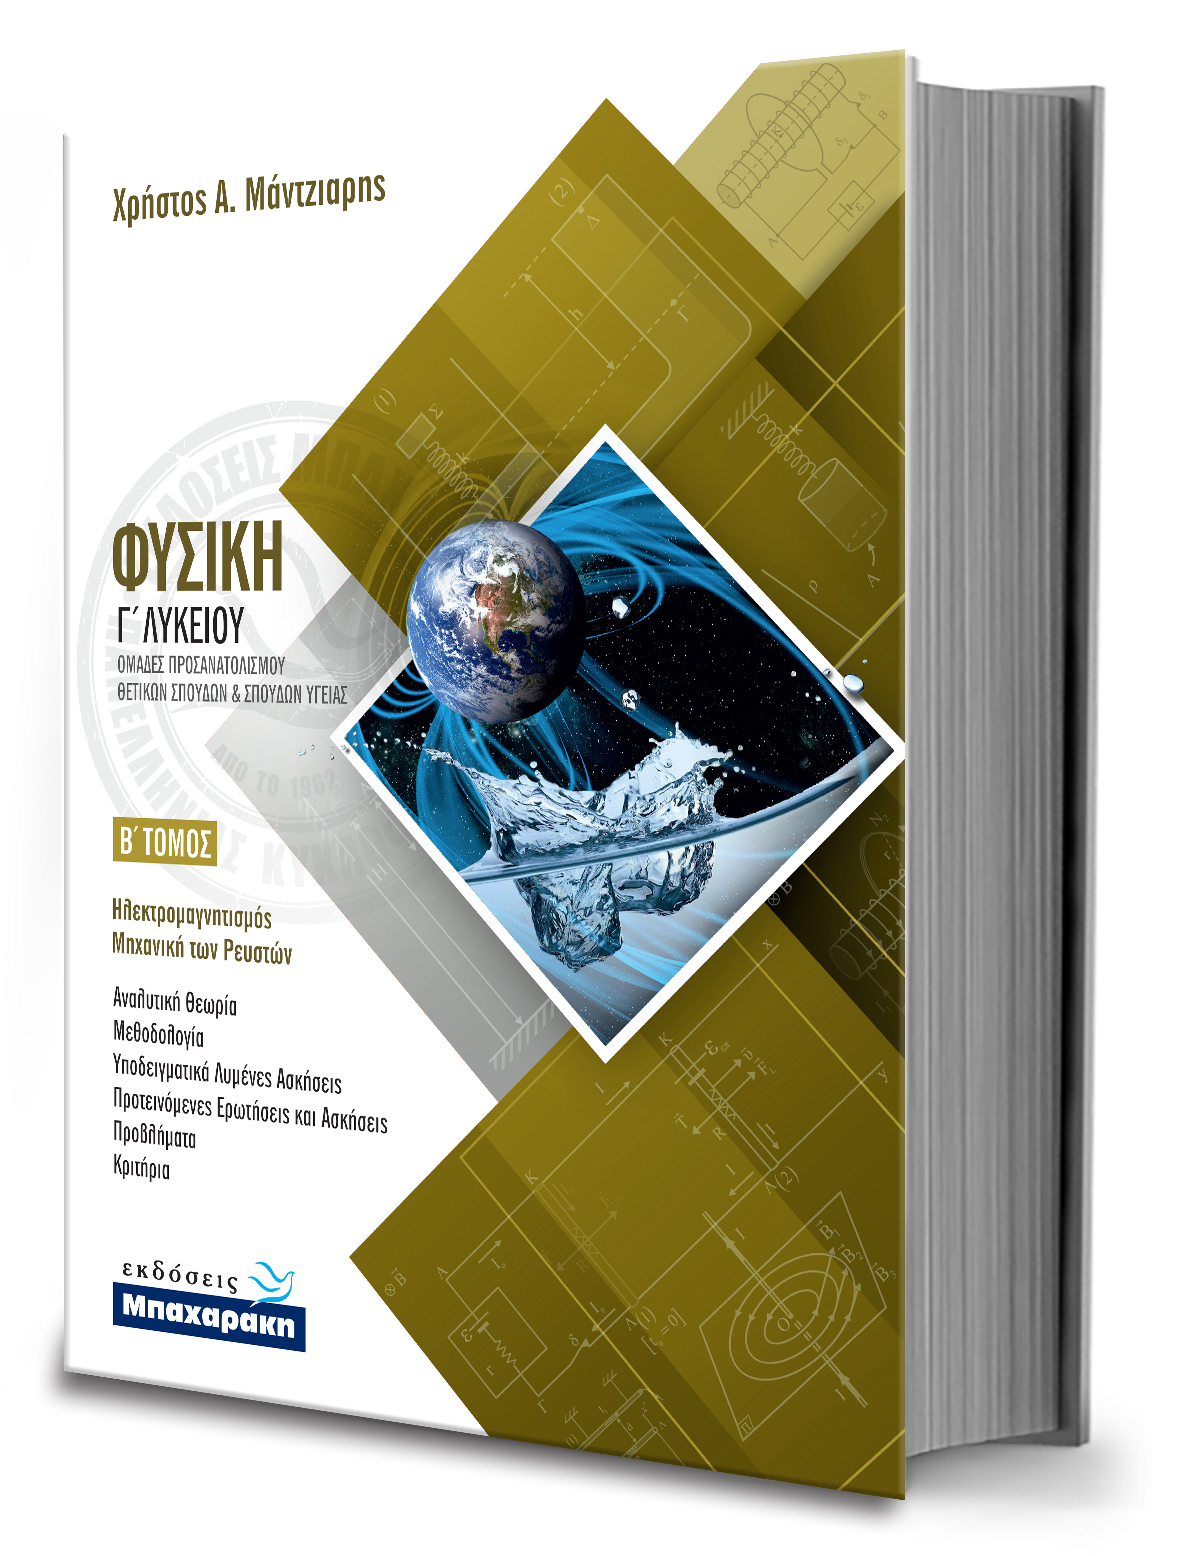 Εκδόσεις Μπαχαράκη: Βίβλίο με τίτλο: ΦΥΣΙΚΗ ΘΕΤΙΚΩΝ ΣΠΟΥΔΩΝ, Γ' λυκείου,  2ος τόμος